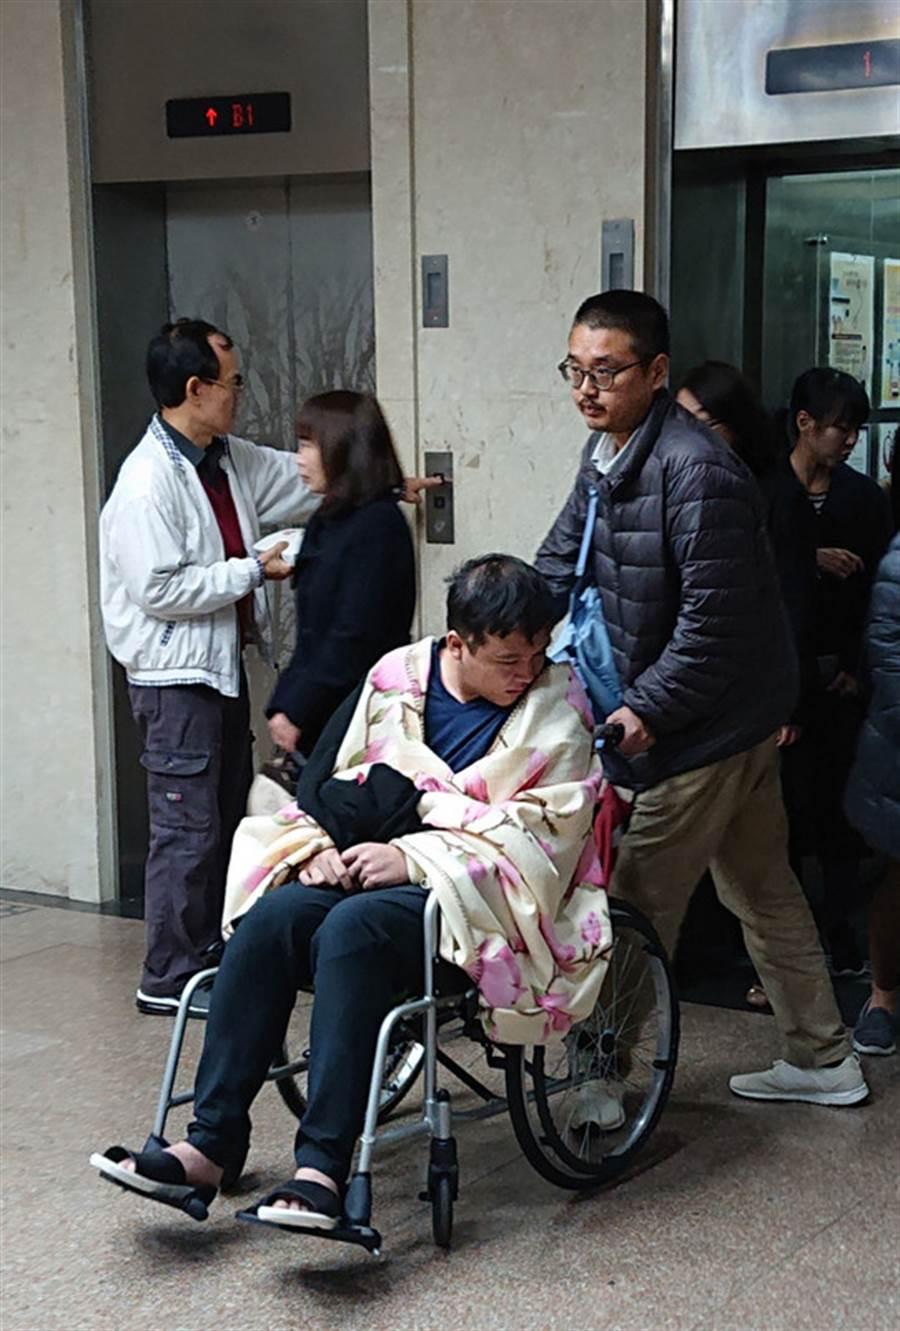 黃琪去年12月18日台北地方法院開庭審理時,坐著輪椅出庭疑似出現障礙。(中央社)日